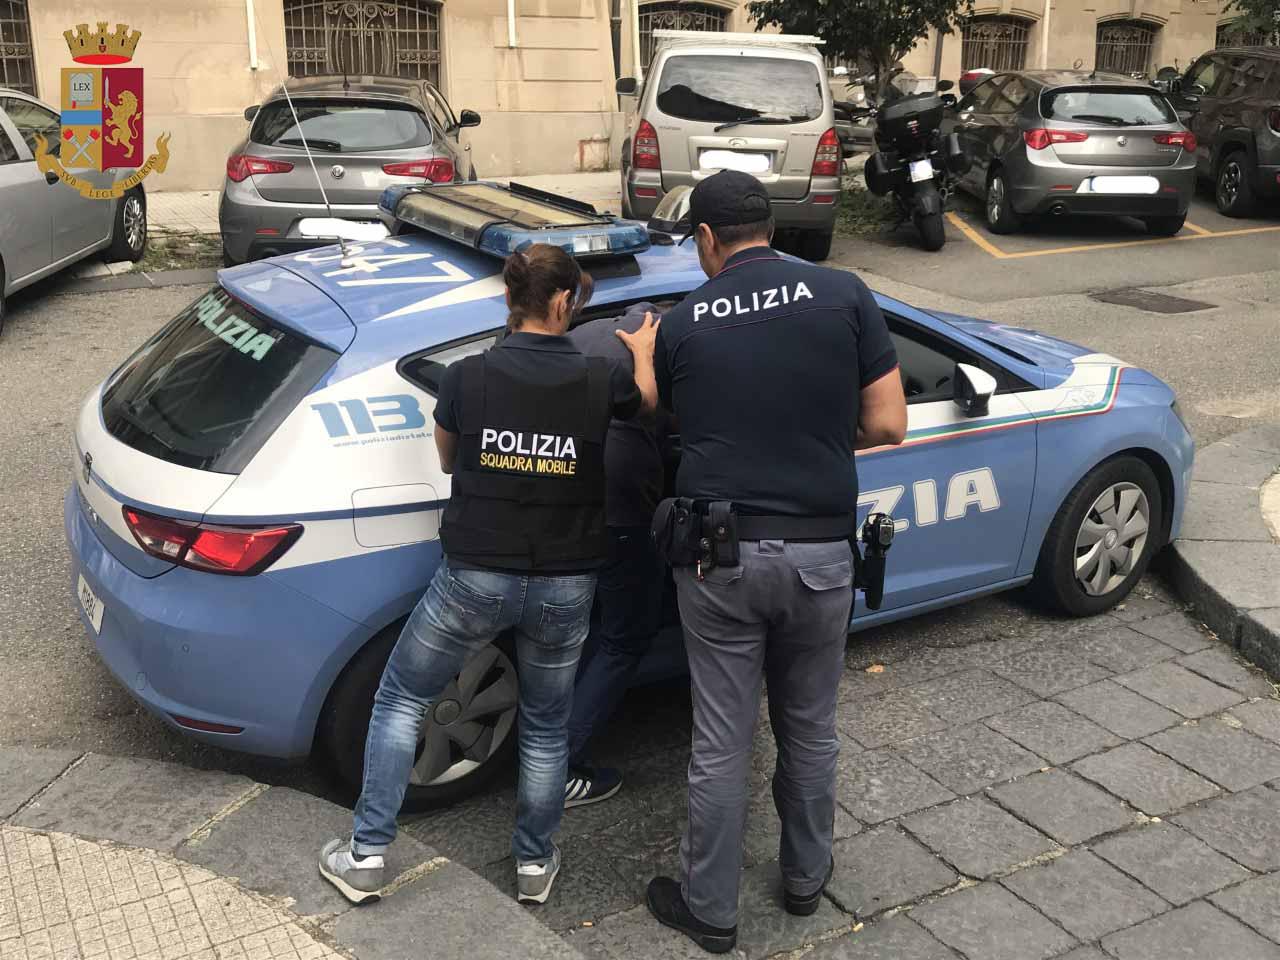 Arresto lampo di Squadra Mobile e Volanti, Polizia rintraccia e arresta rapinatore: tentato colpo in un tabacchi